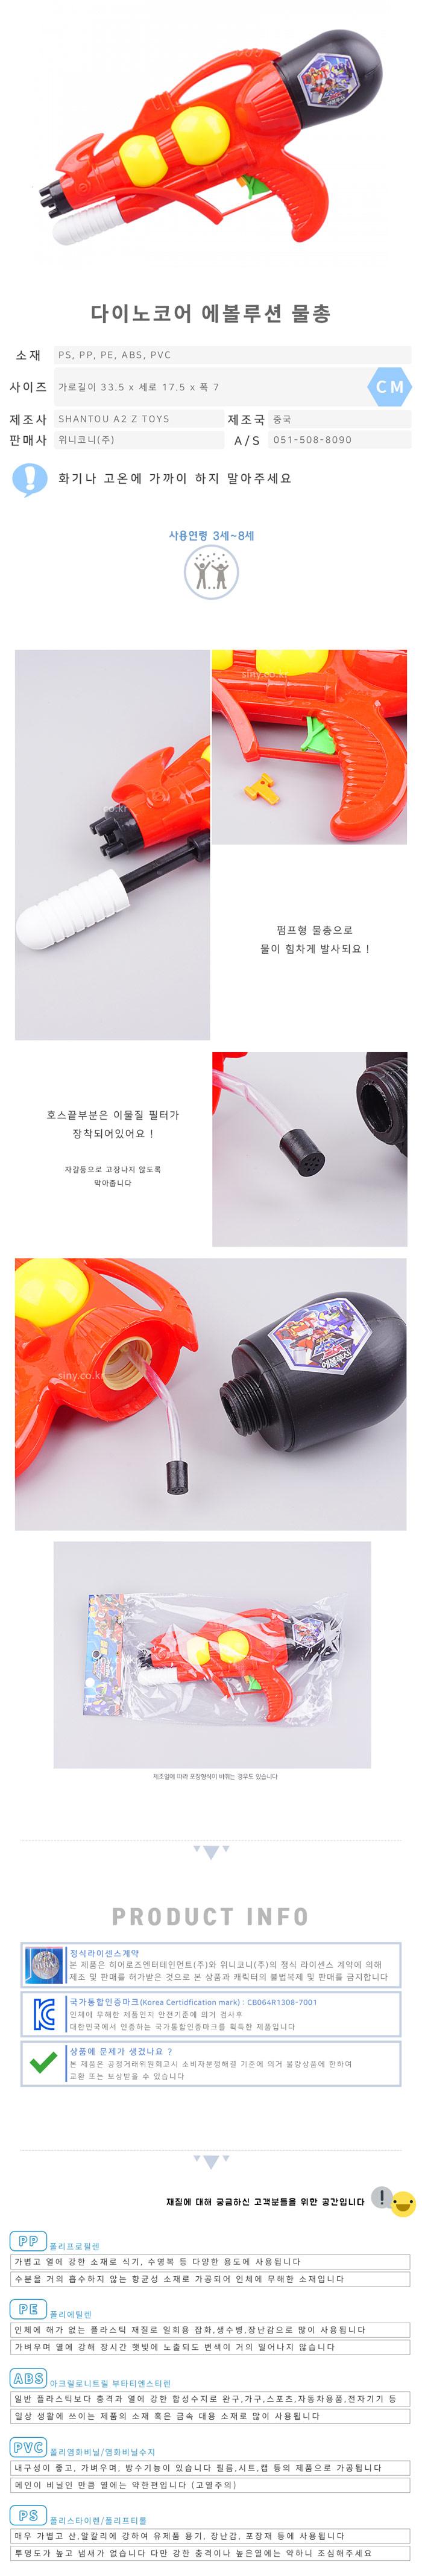 다이노코어 에볼루션 물총 - 키티야, 7,200원, 장난감총, 물총